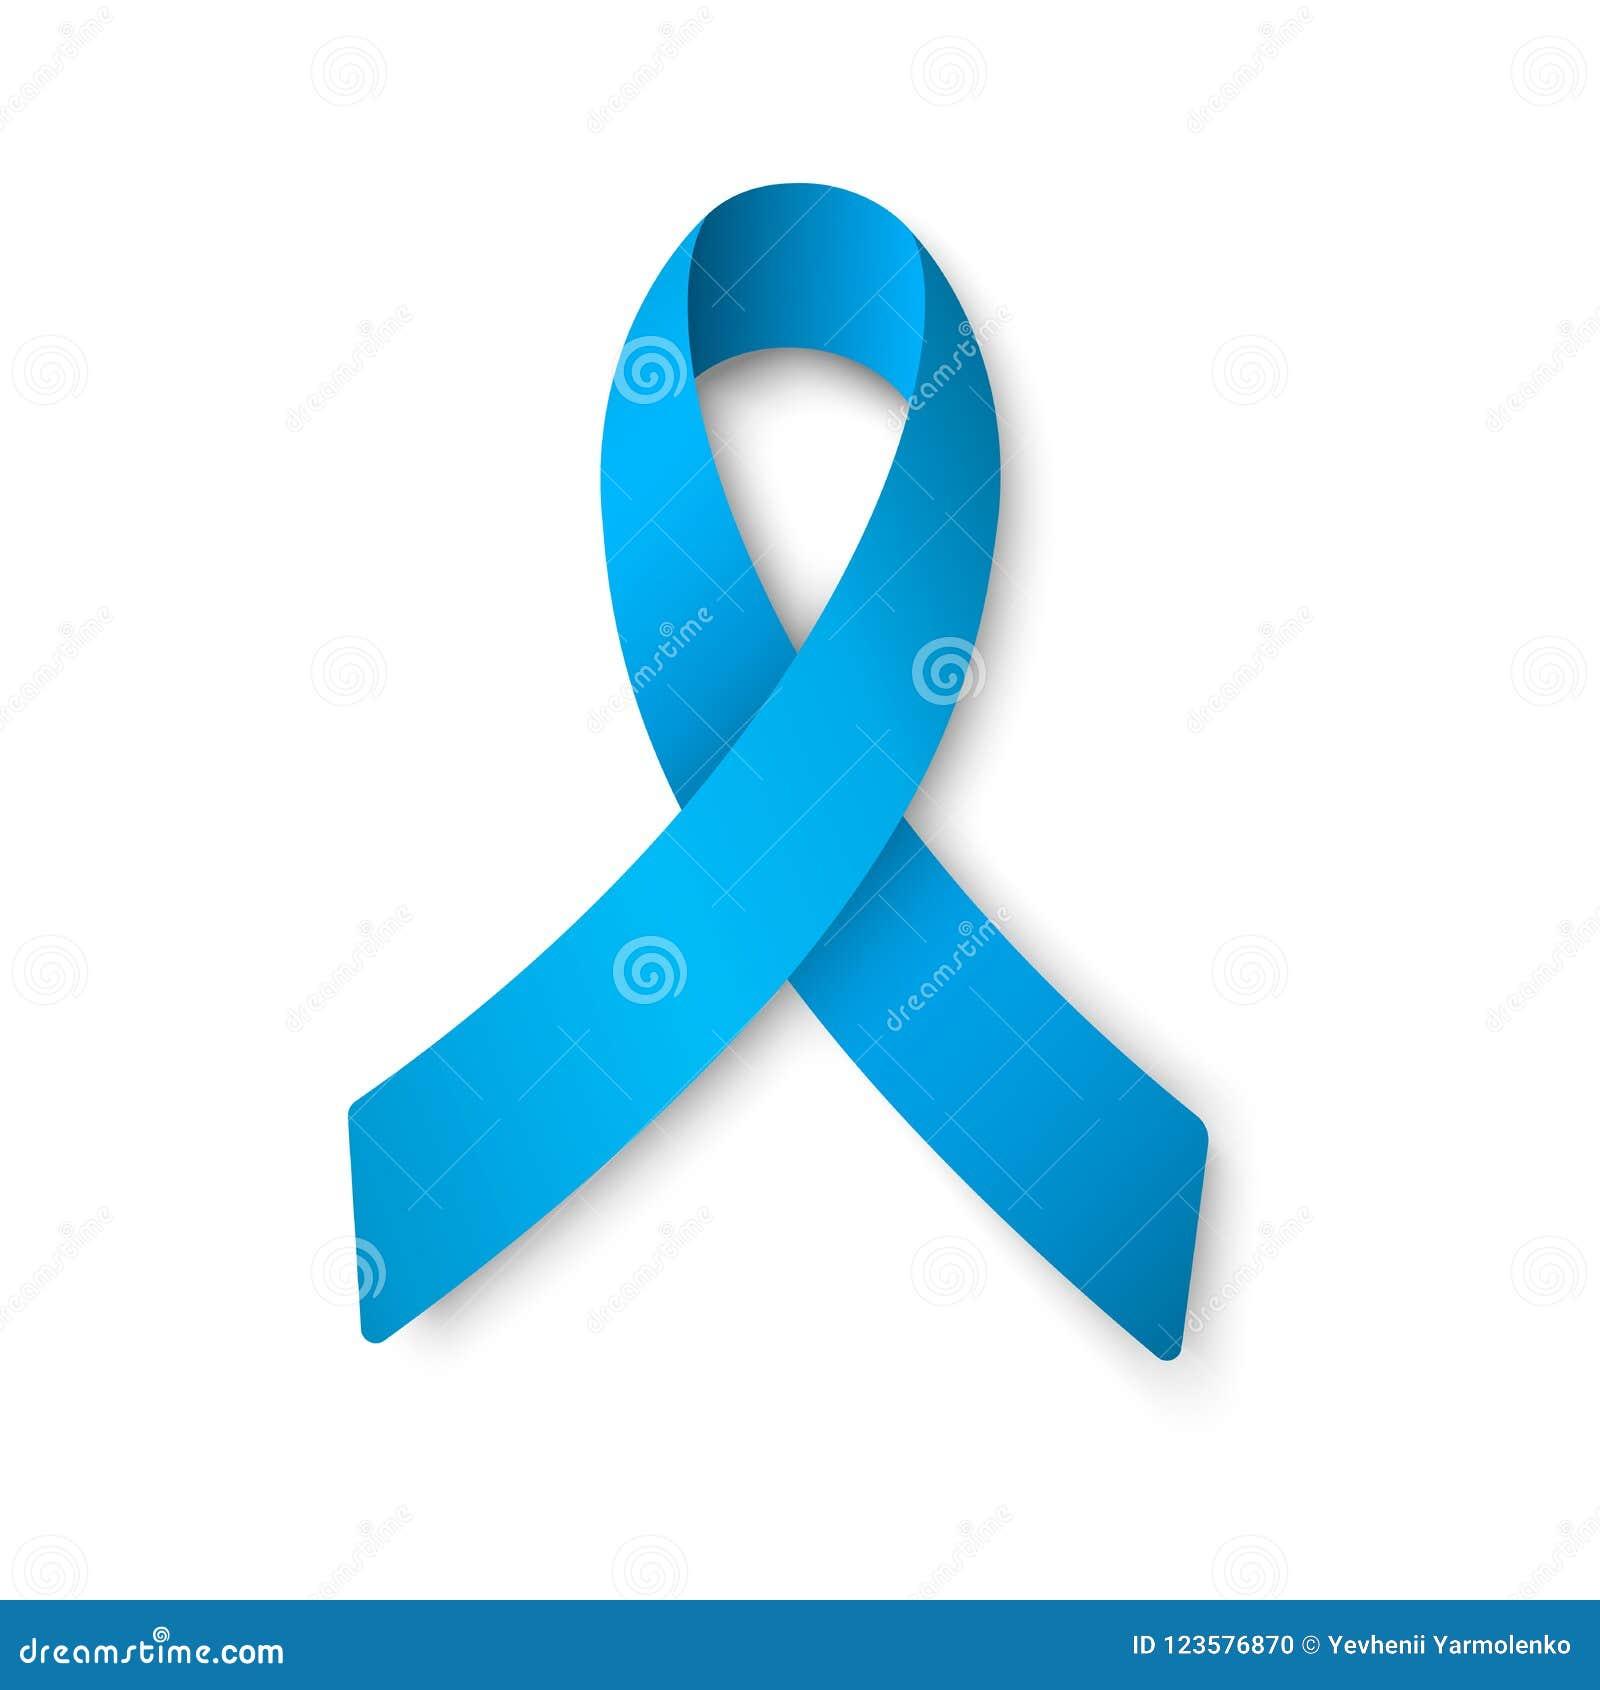 Реалистическая голубая лента Концепция дня рака предстательной железы мира Концепция здравоохранения людей